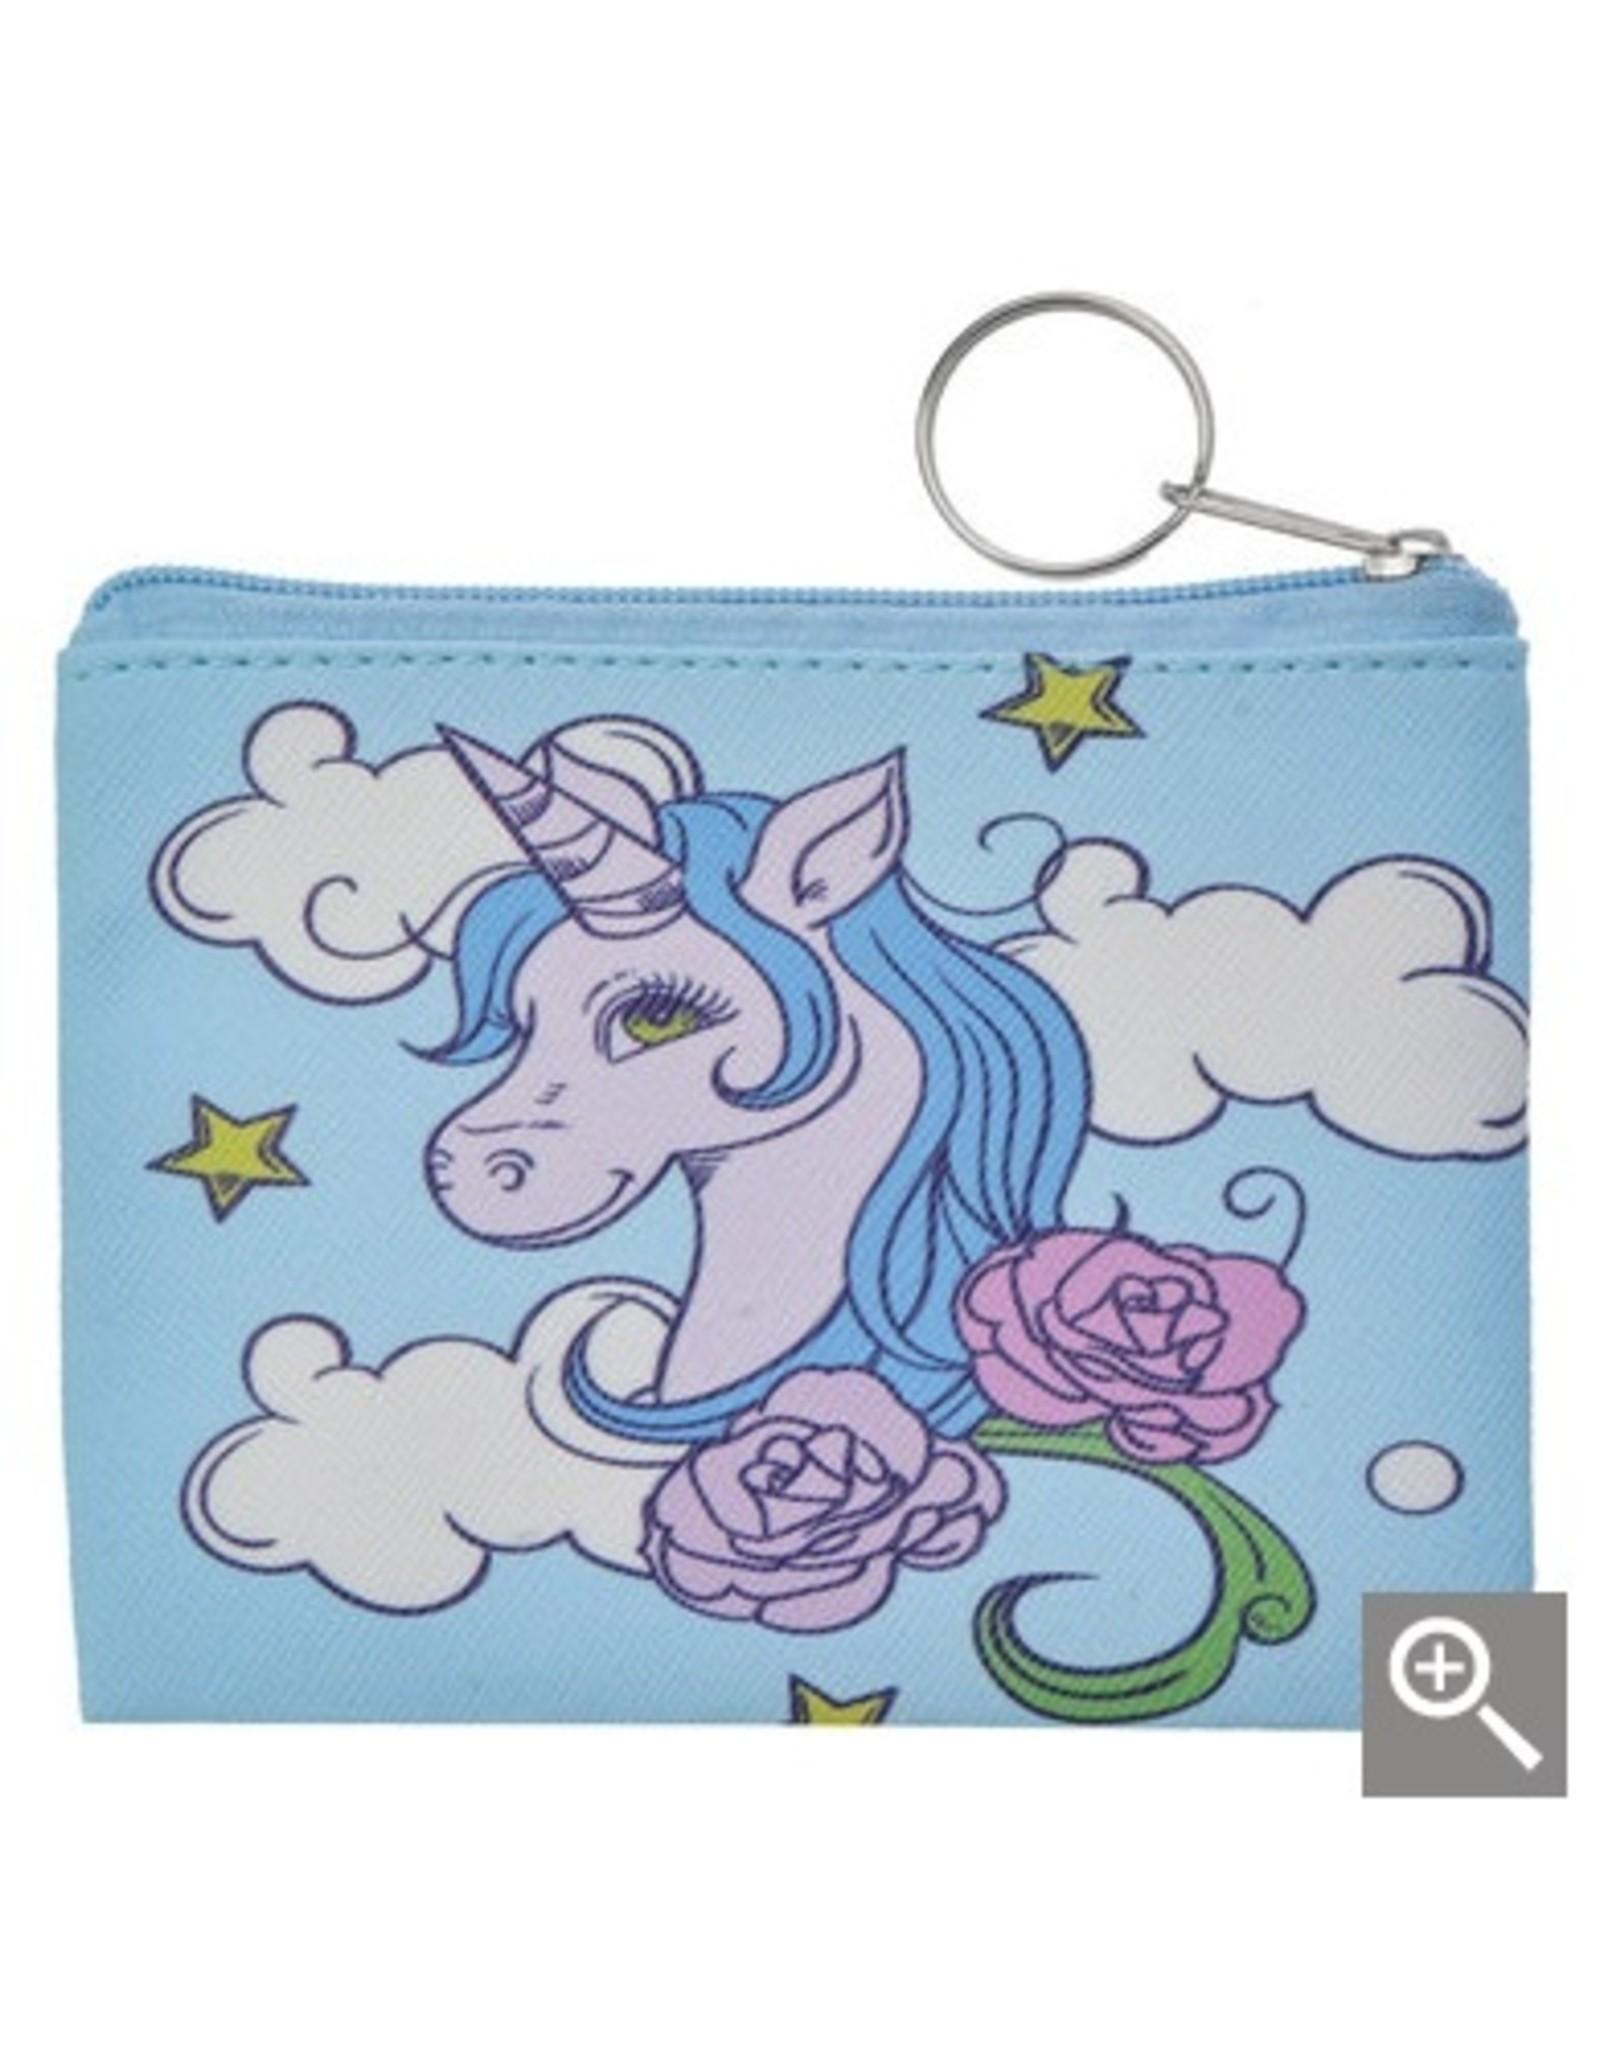 Clayre & Eef Children's wallet - blue unicorn - Copy